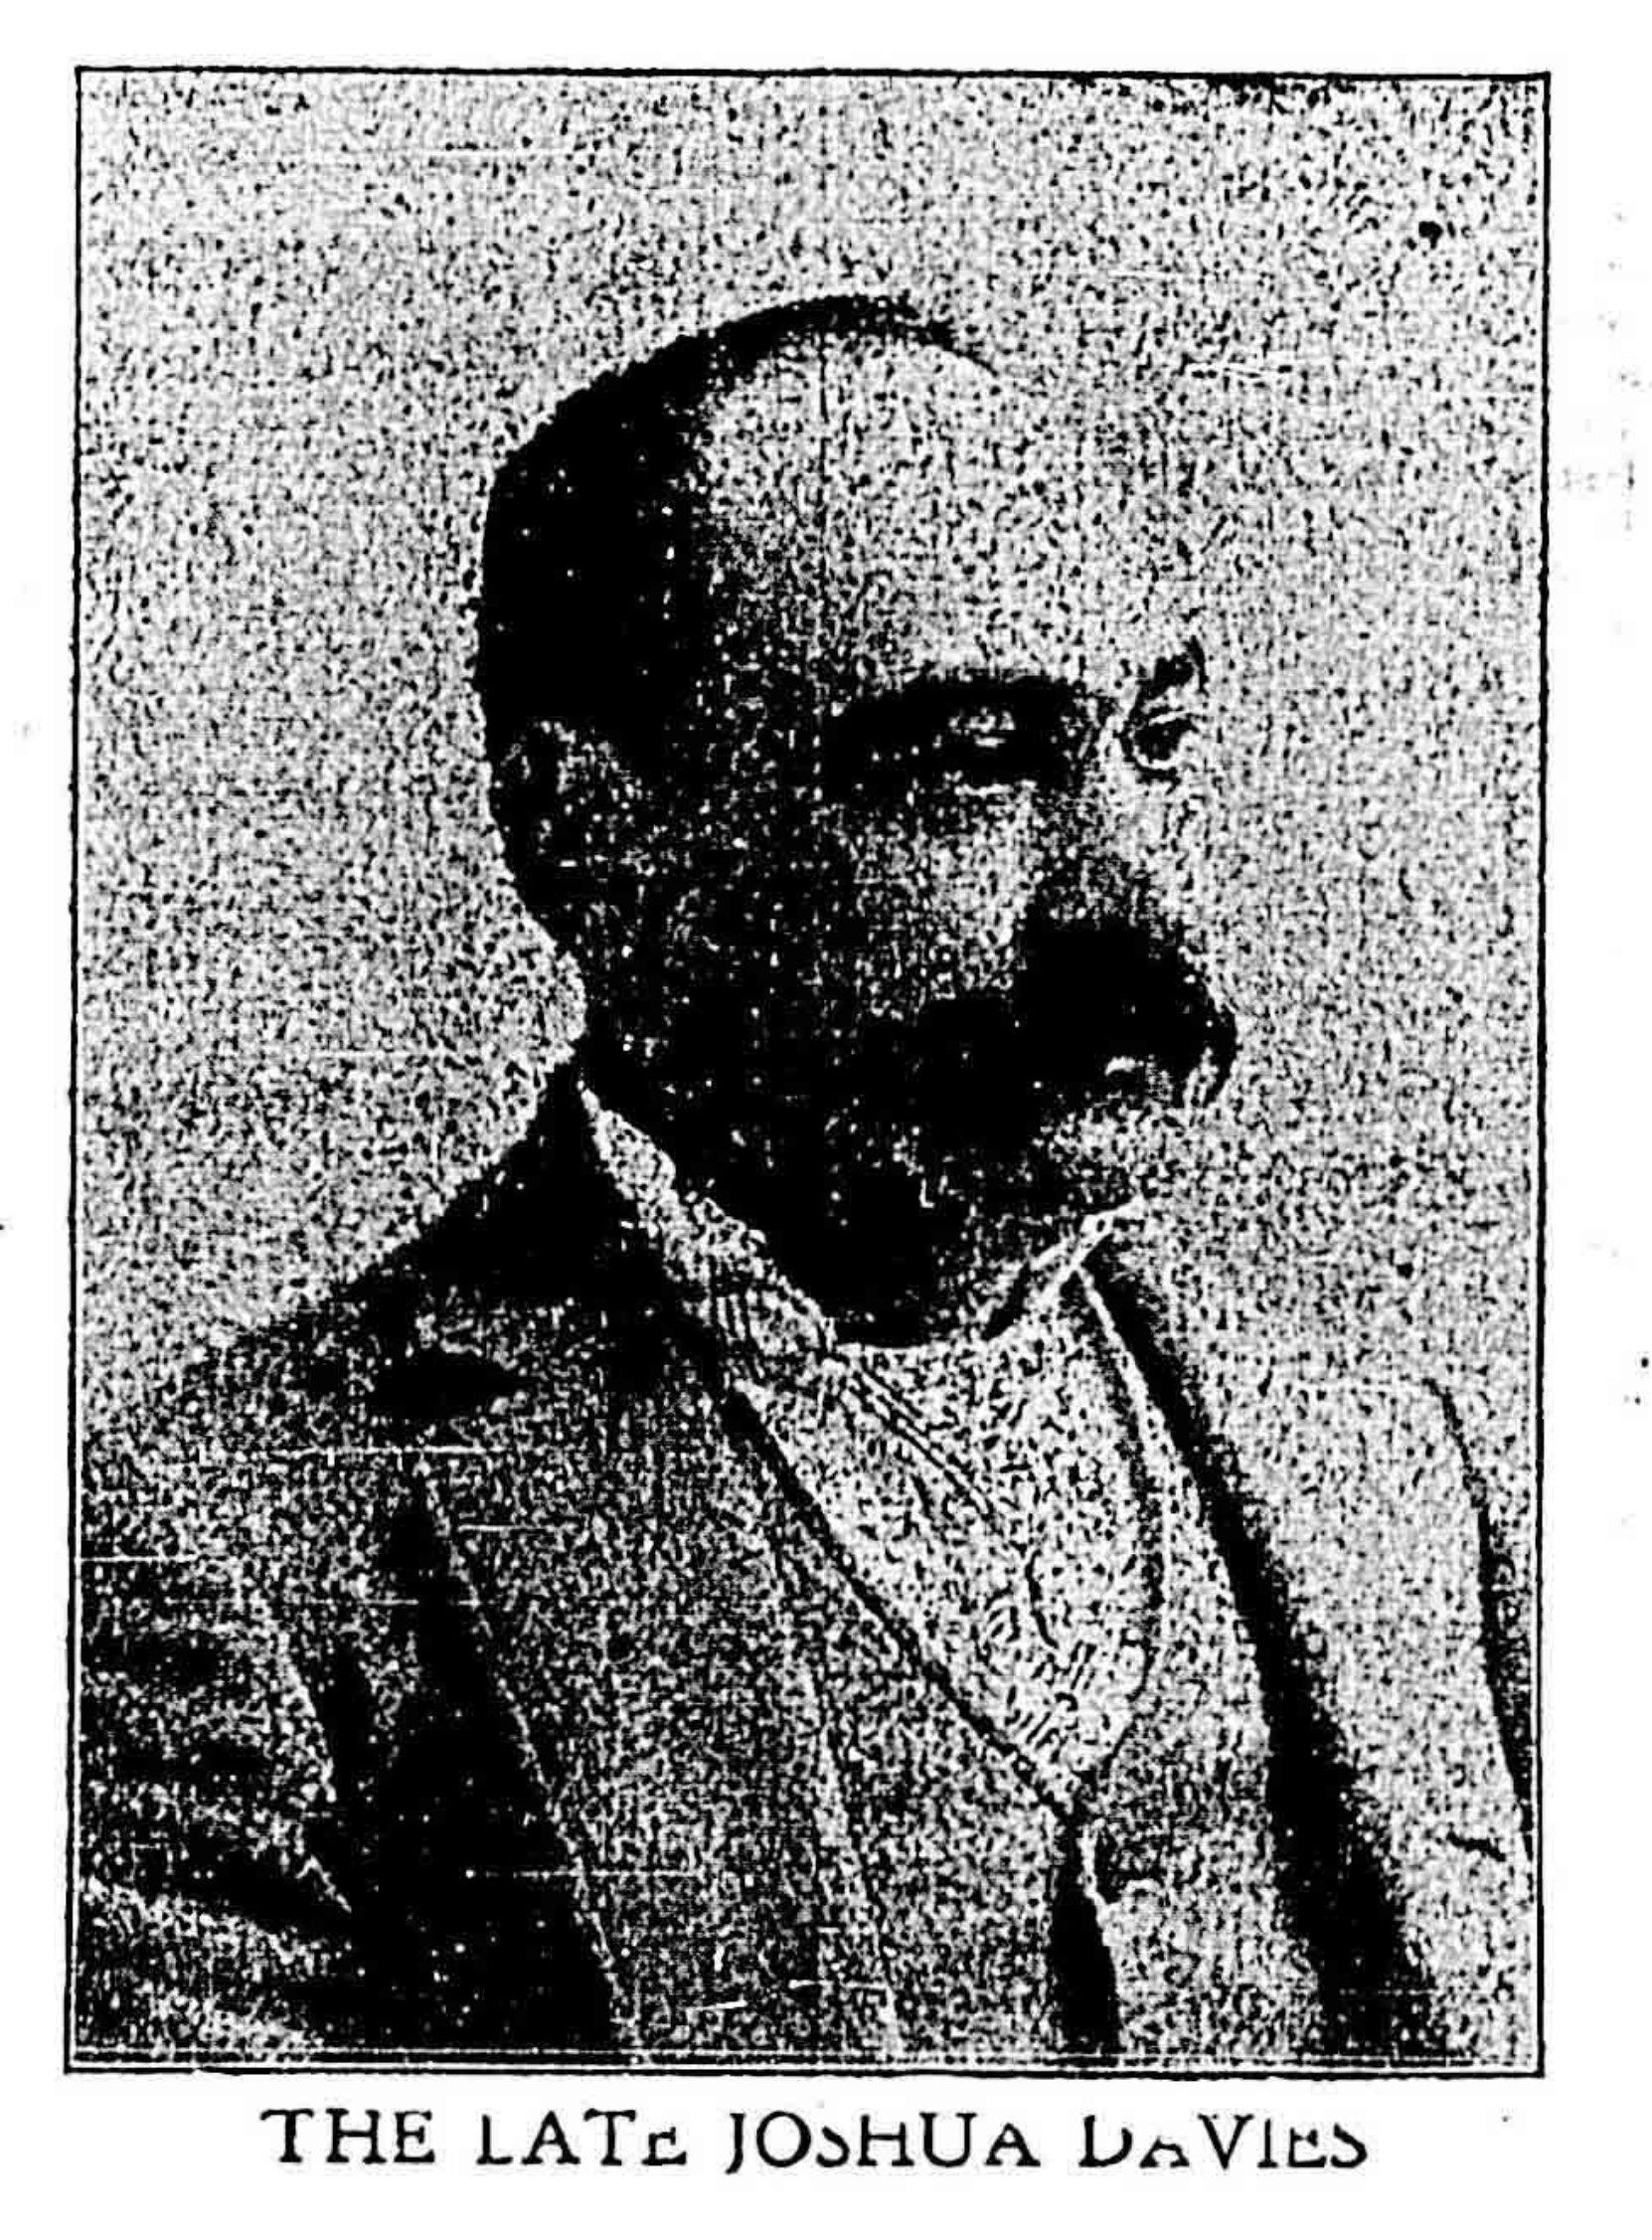 Joshua Philip Davies (1846-1903)